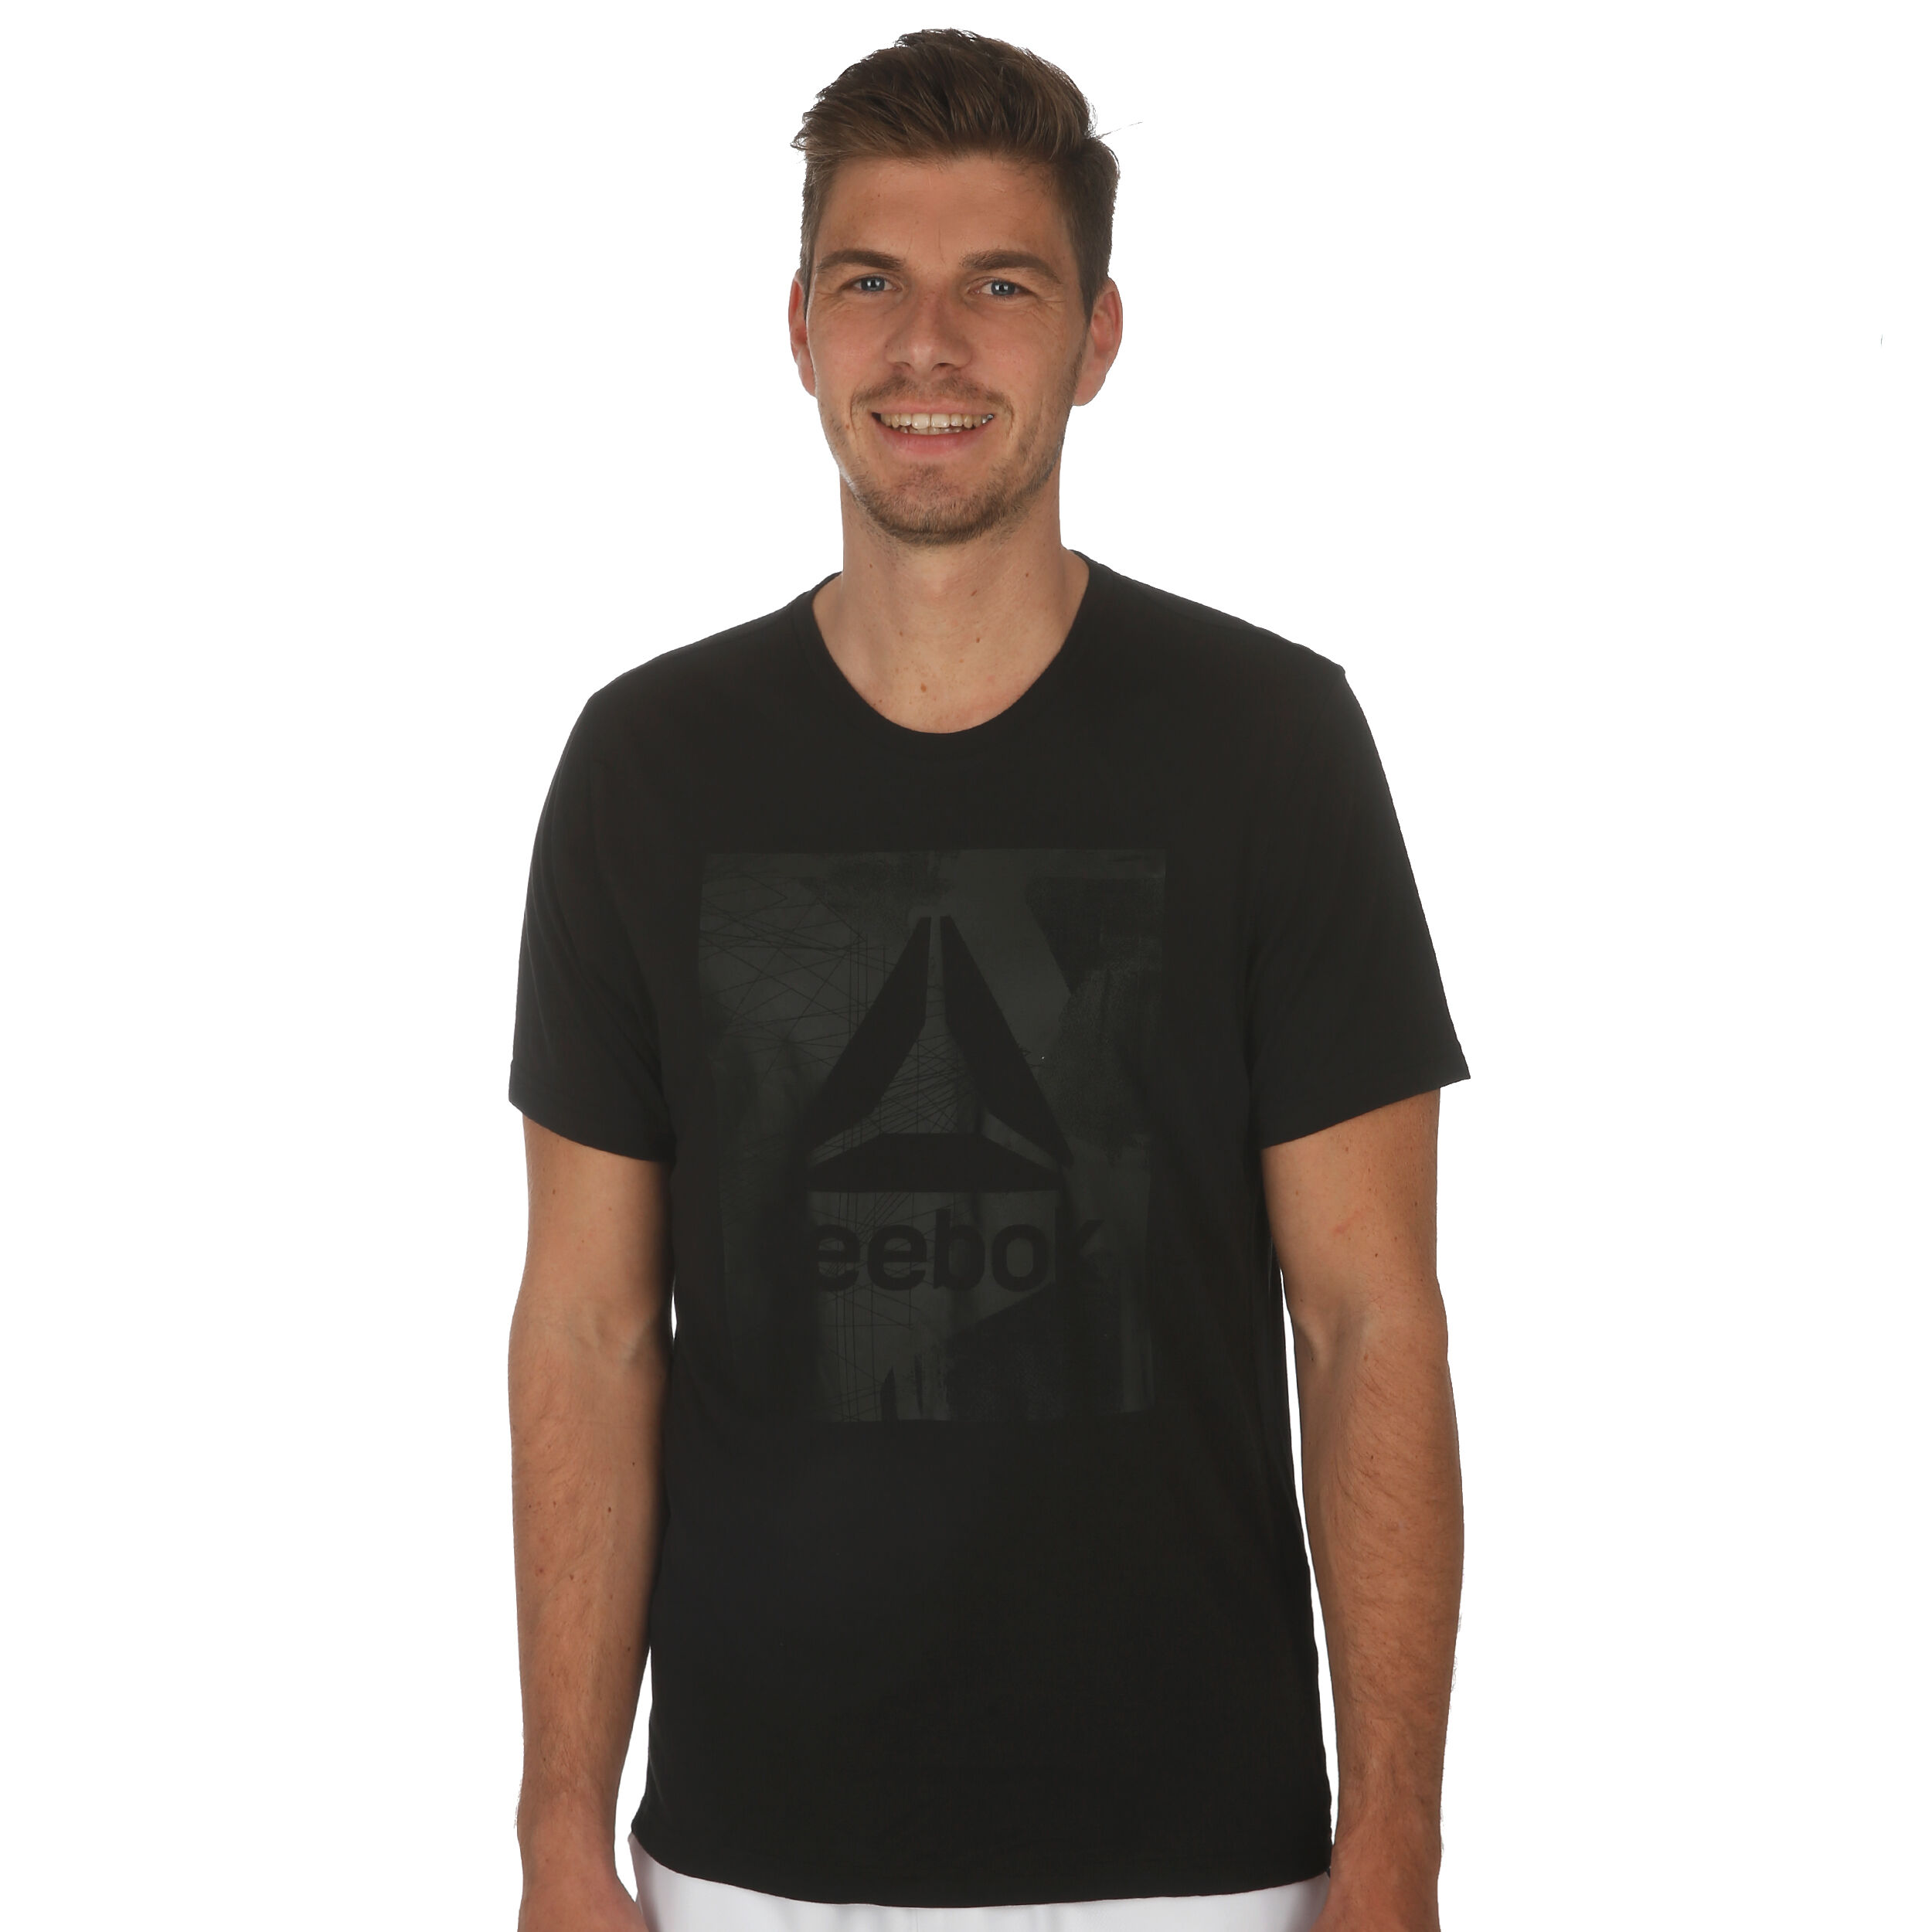 Reebok T Shirt »Workout Ready Supremium Graphic T Shirt« online kaufen | OTTO